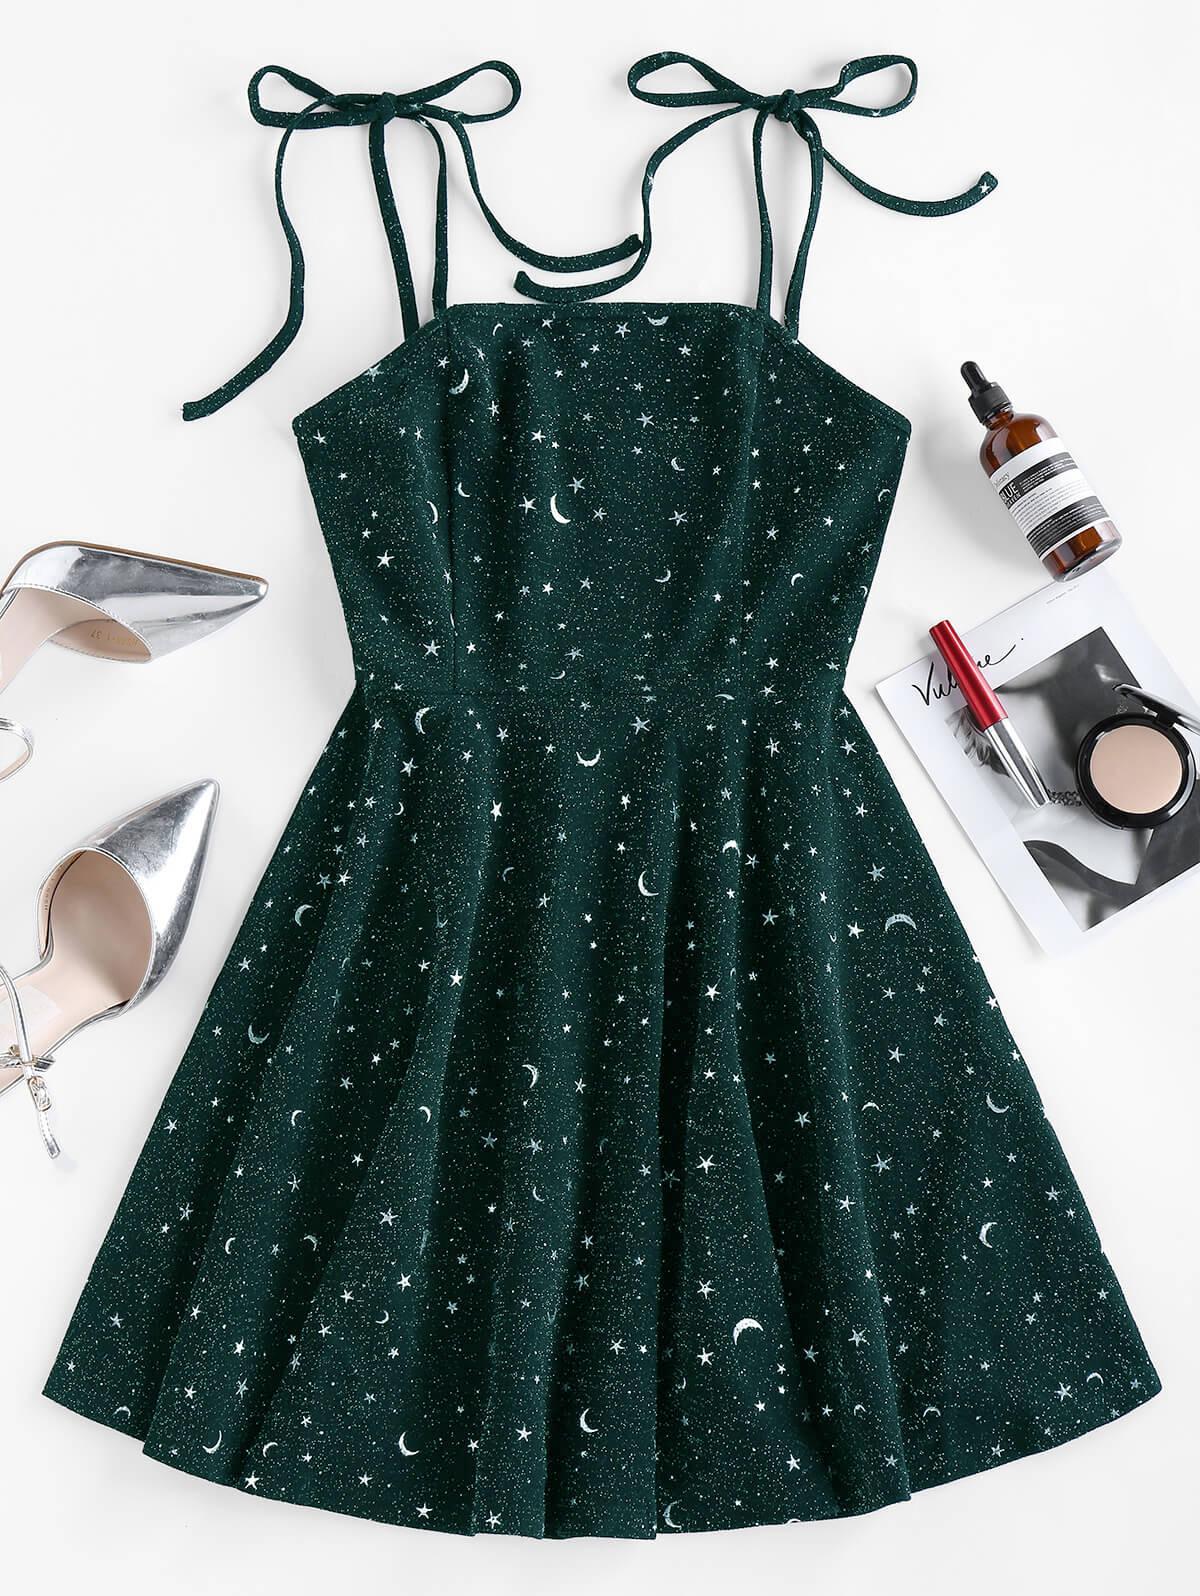 ZAFUL Moon Stars Print Tie Shoulder Dress